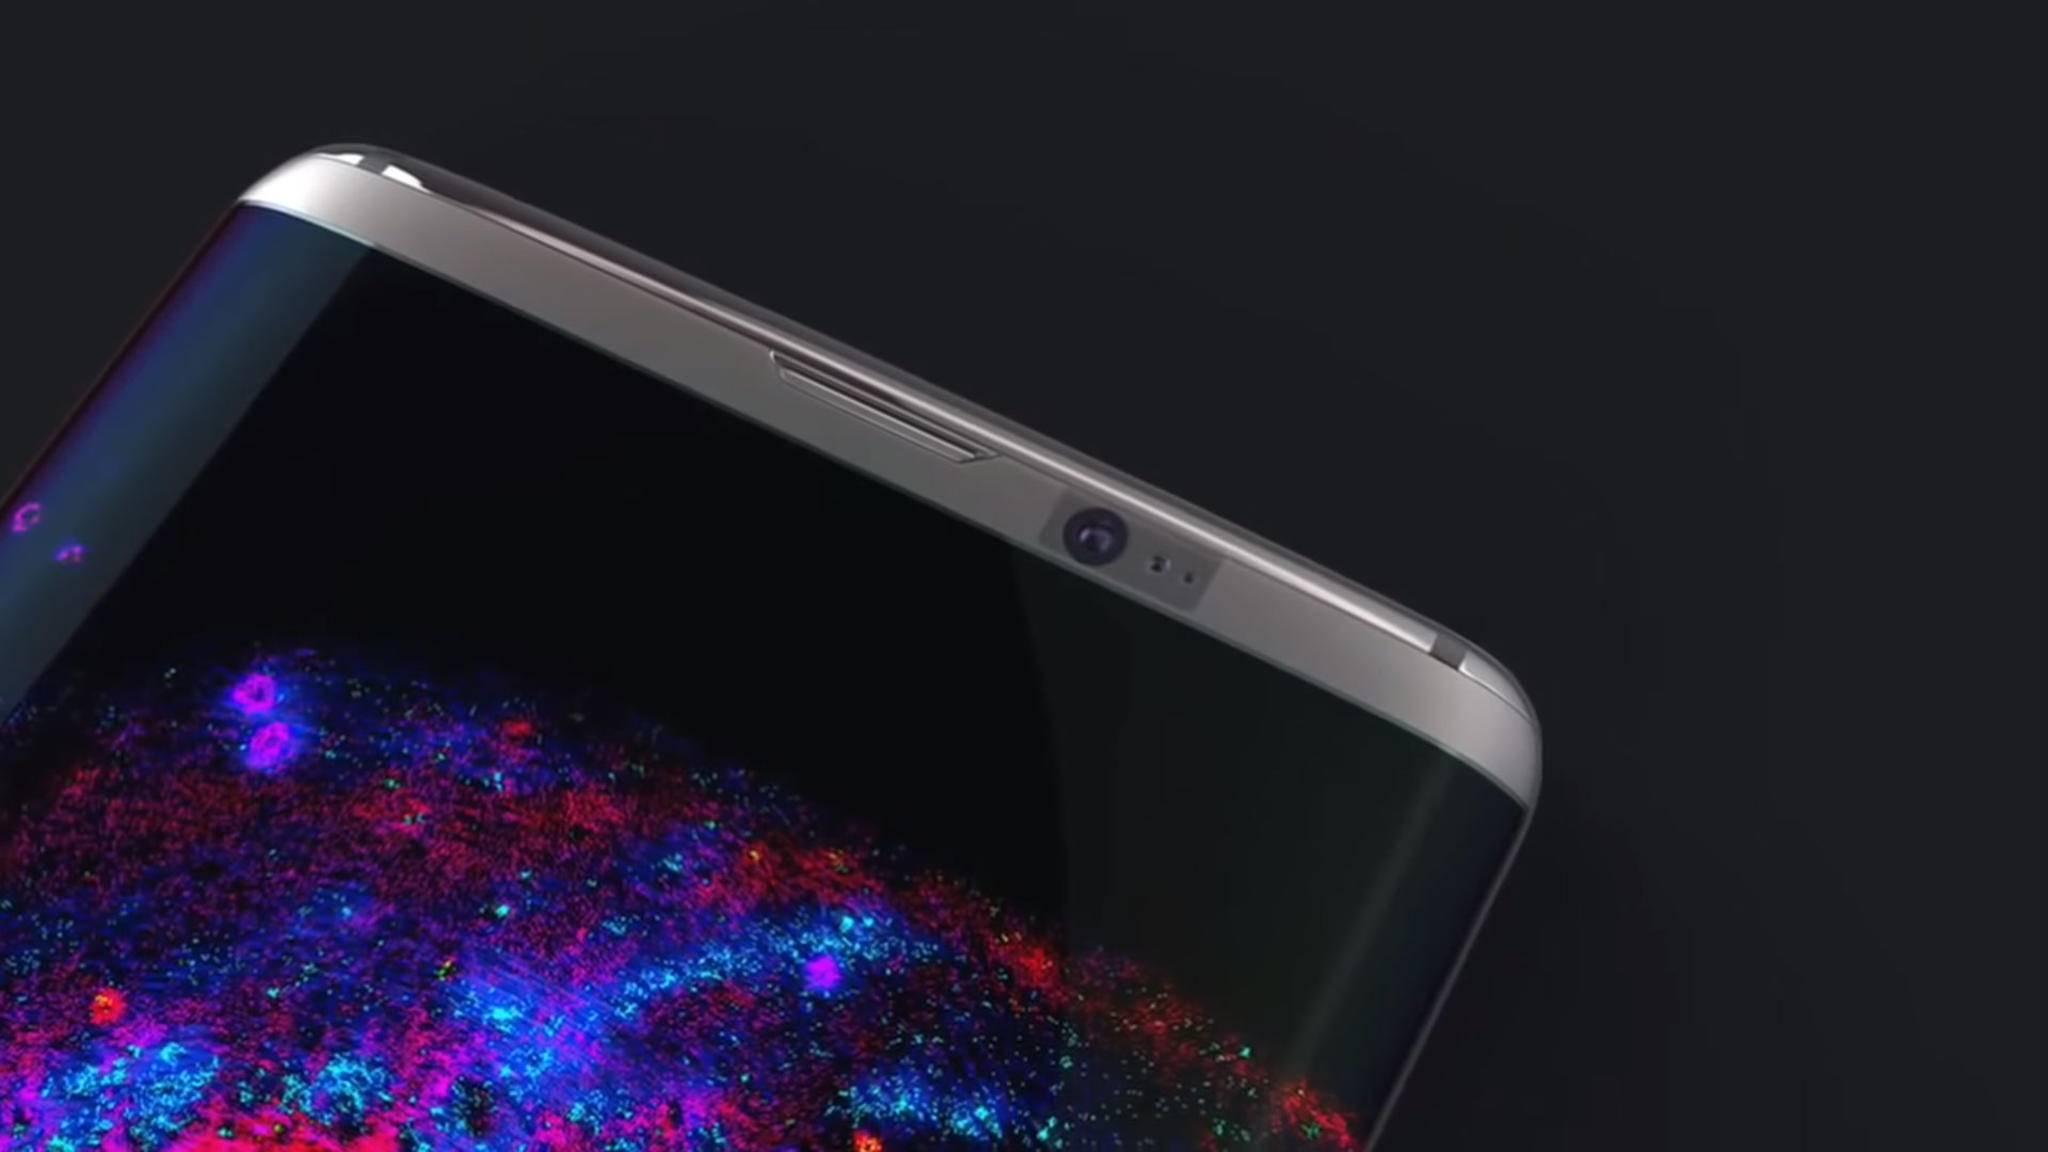 Das Galaxy S8 wird angeblich im Januar gründlich getestet. Ein Debakel wie mit dem entzündlichen Galaxy Note 7 möchte man vermeiden, das hier in einer GTA-Mod als Bombe zum Einsatz kommt.